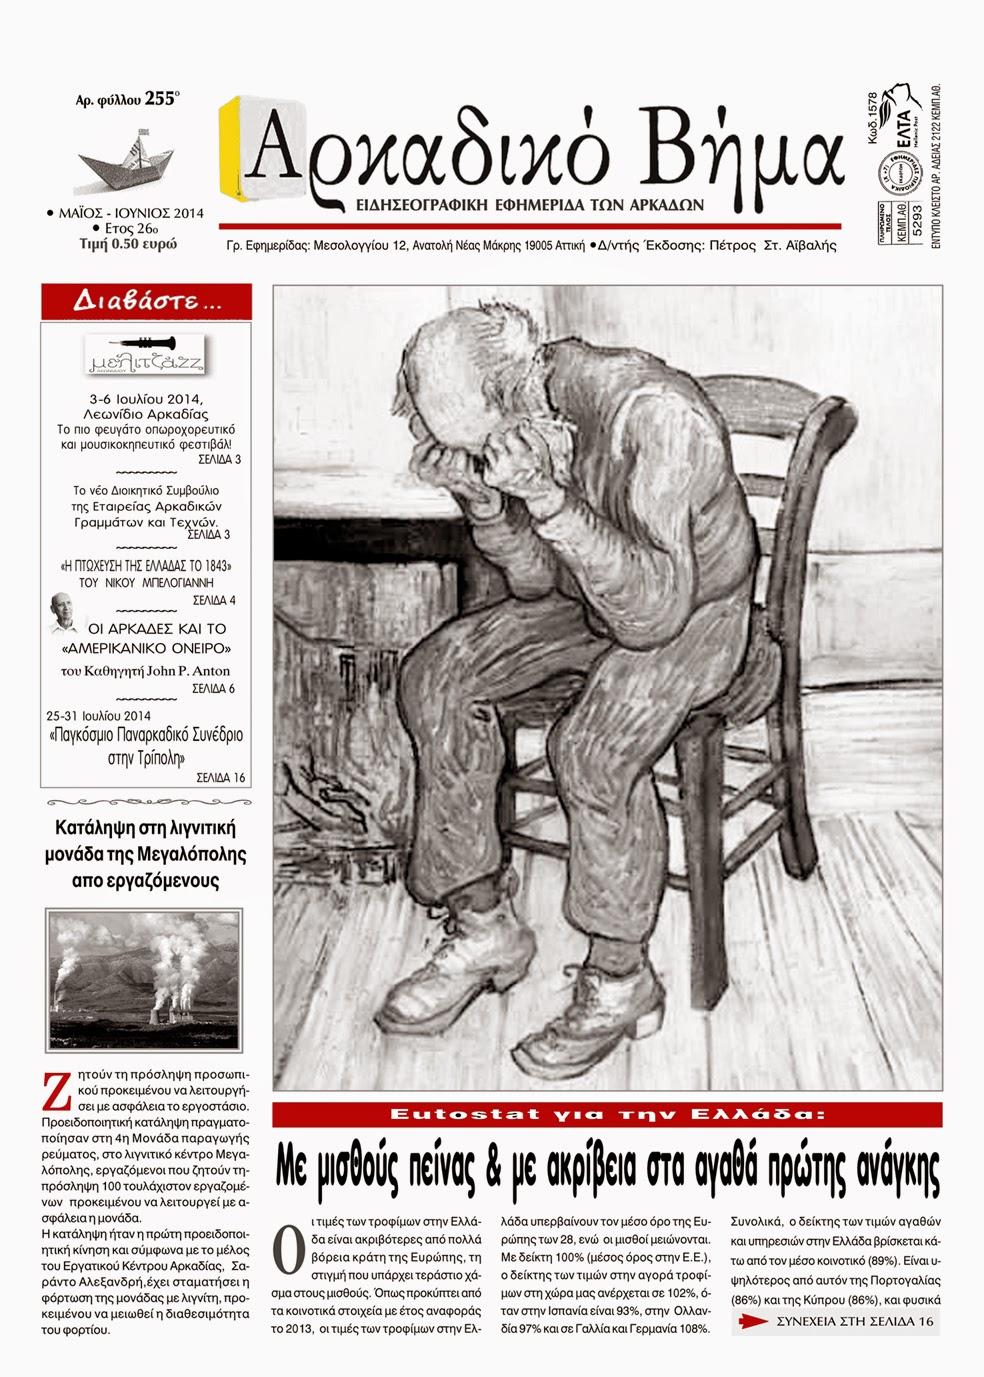 """Αρκαδικό Βήμα: """"Μισθοί πείνας & ακρίβεια στα αγαθά πρώτης ανάγκης"""""""